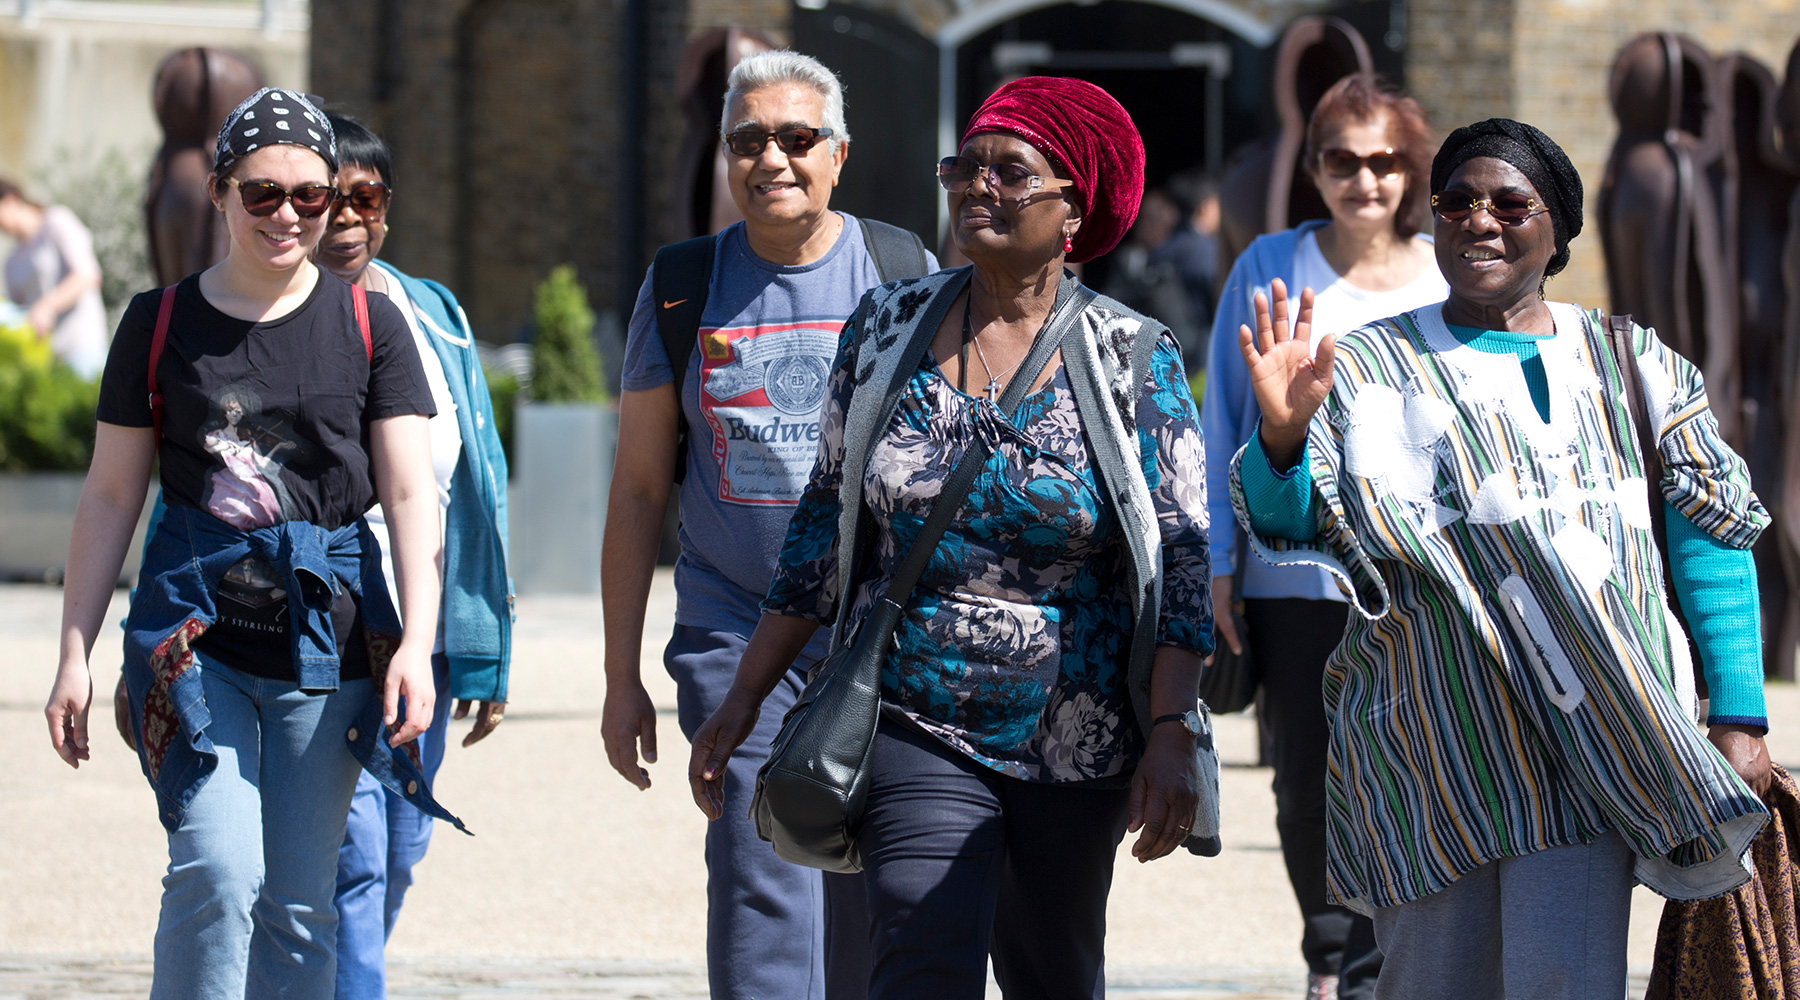 Walking group